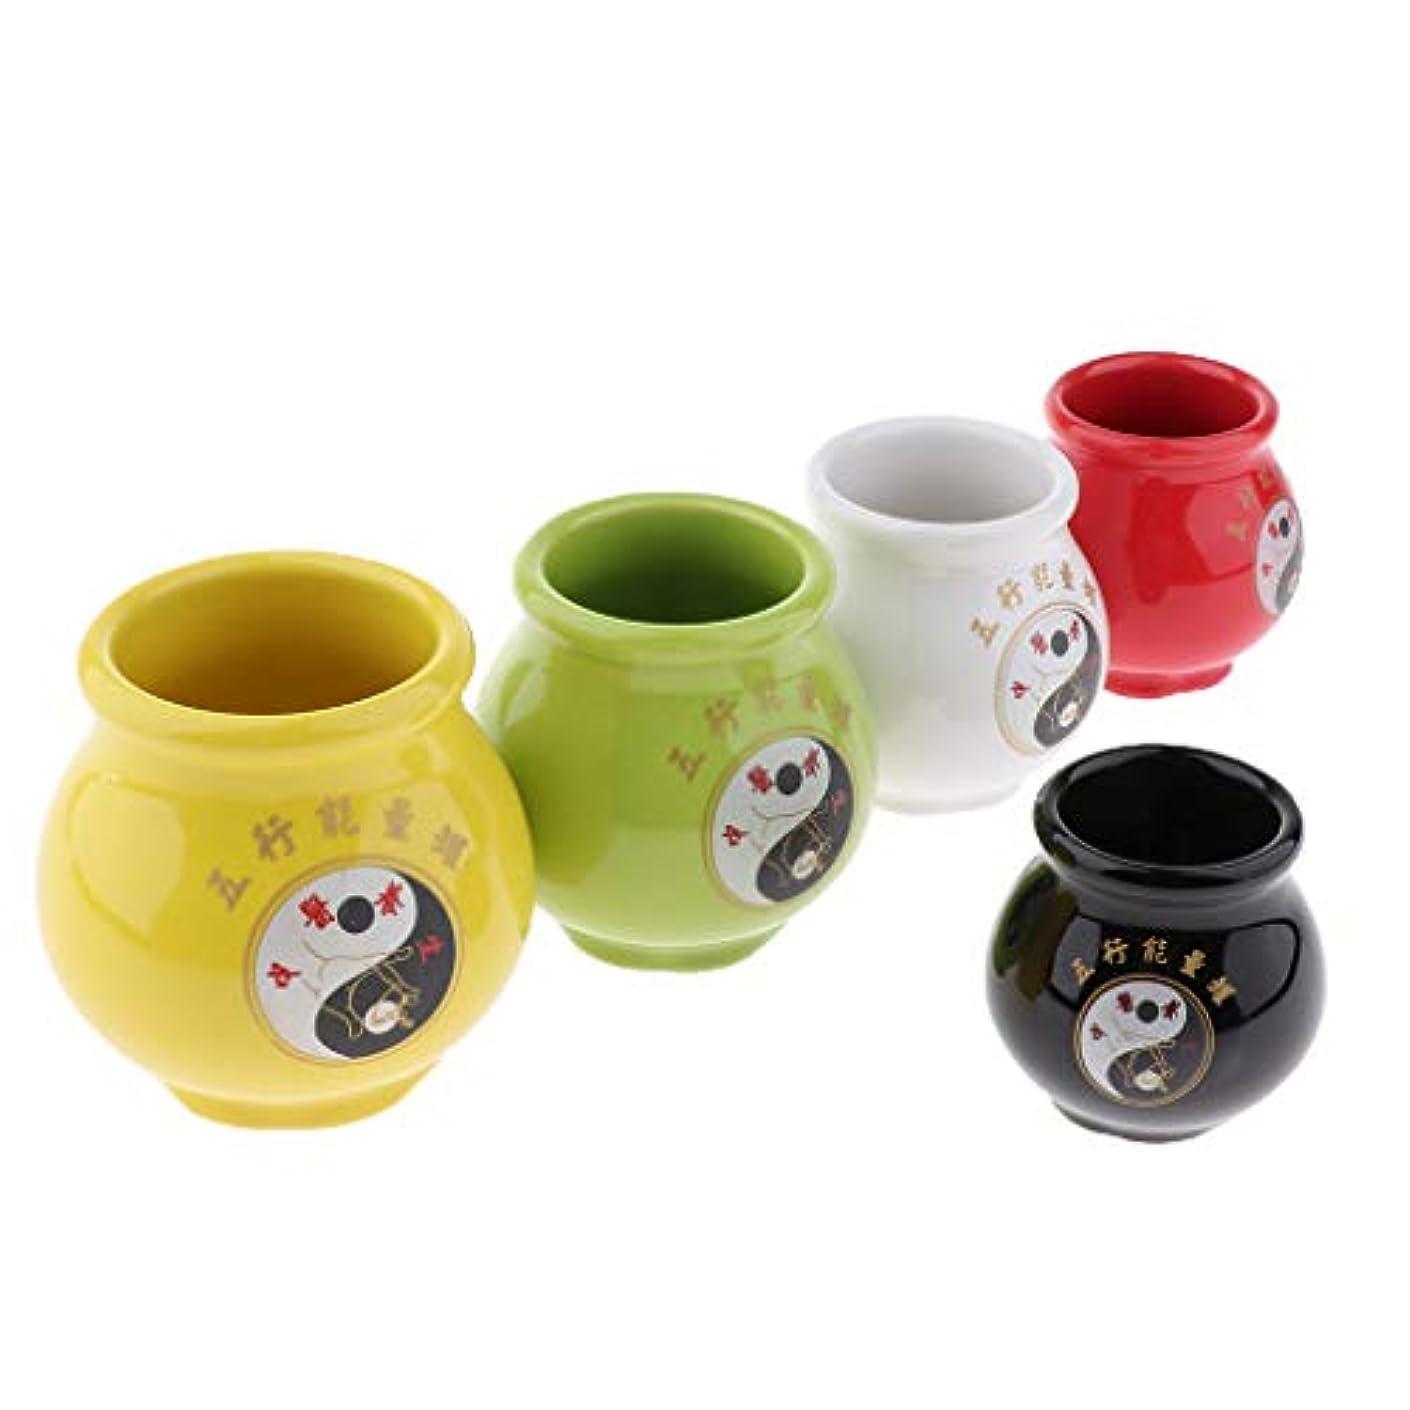 バッフルスキーム良性FLAMEER マッサージ吸い玉 カッピングカップ セラミック 真空 健康ケア 男女兼用 5個入